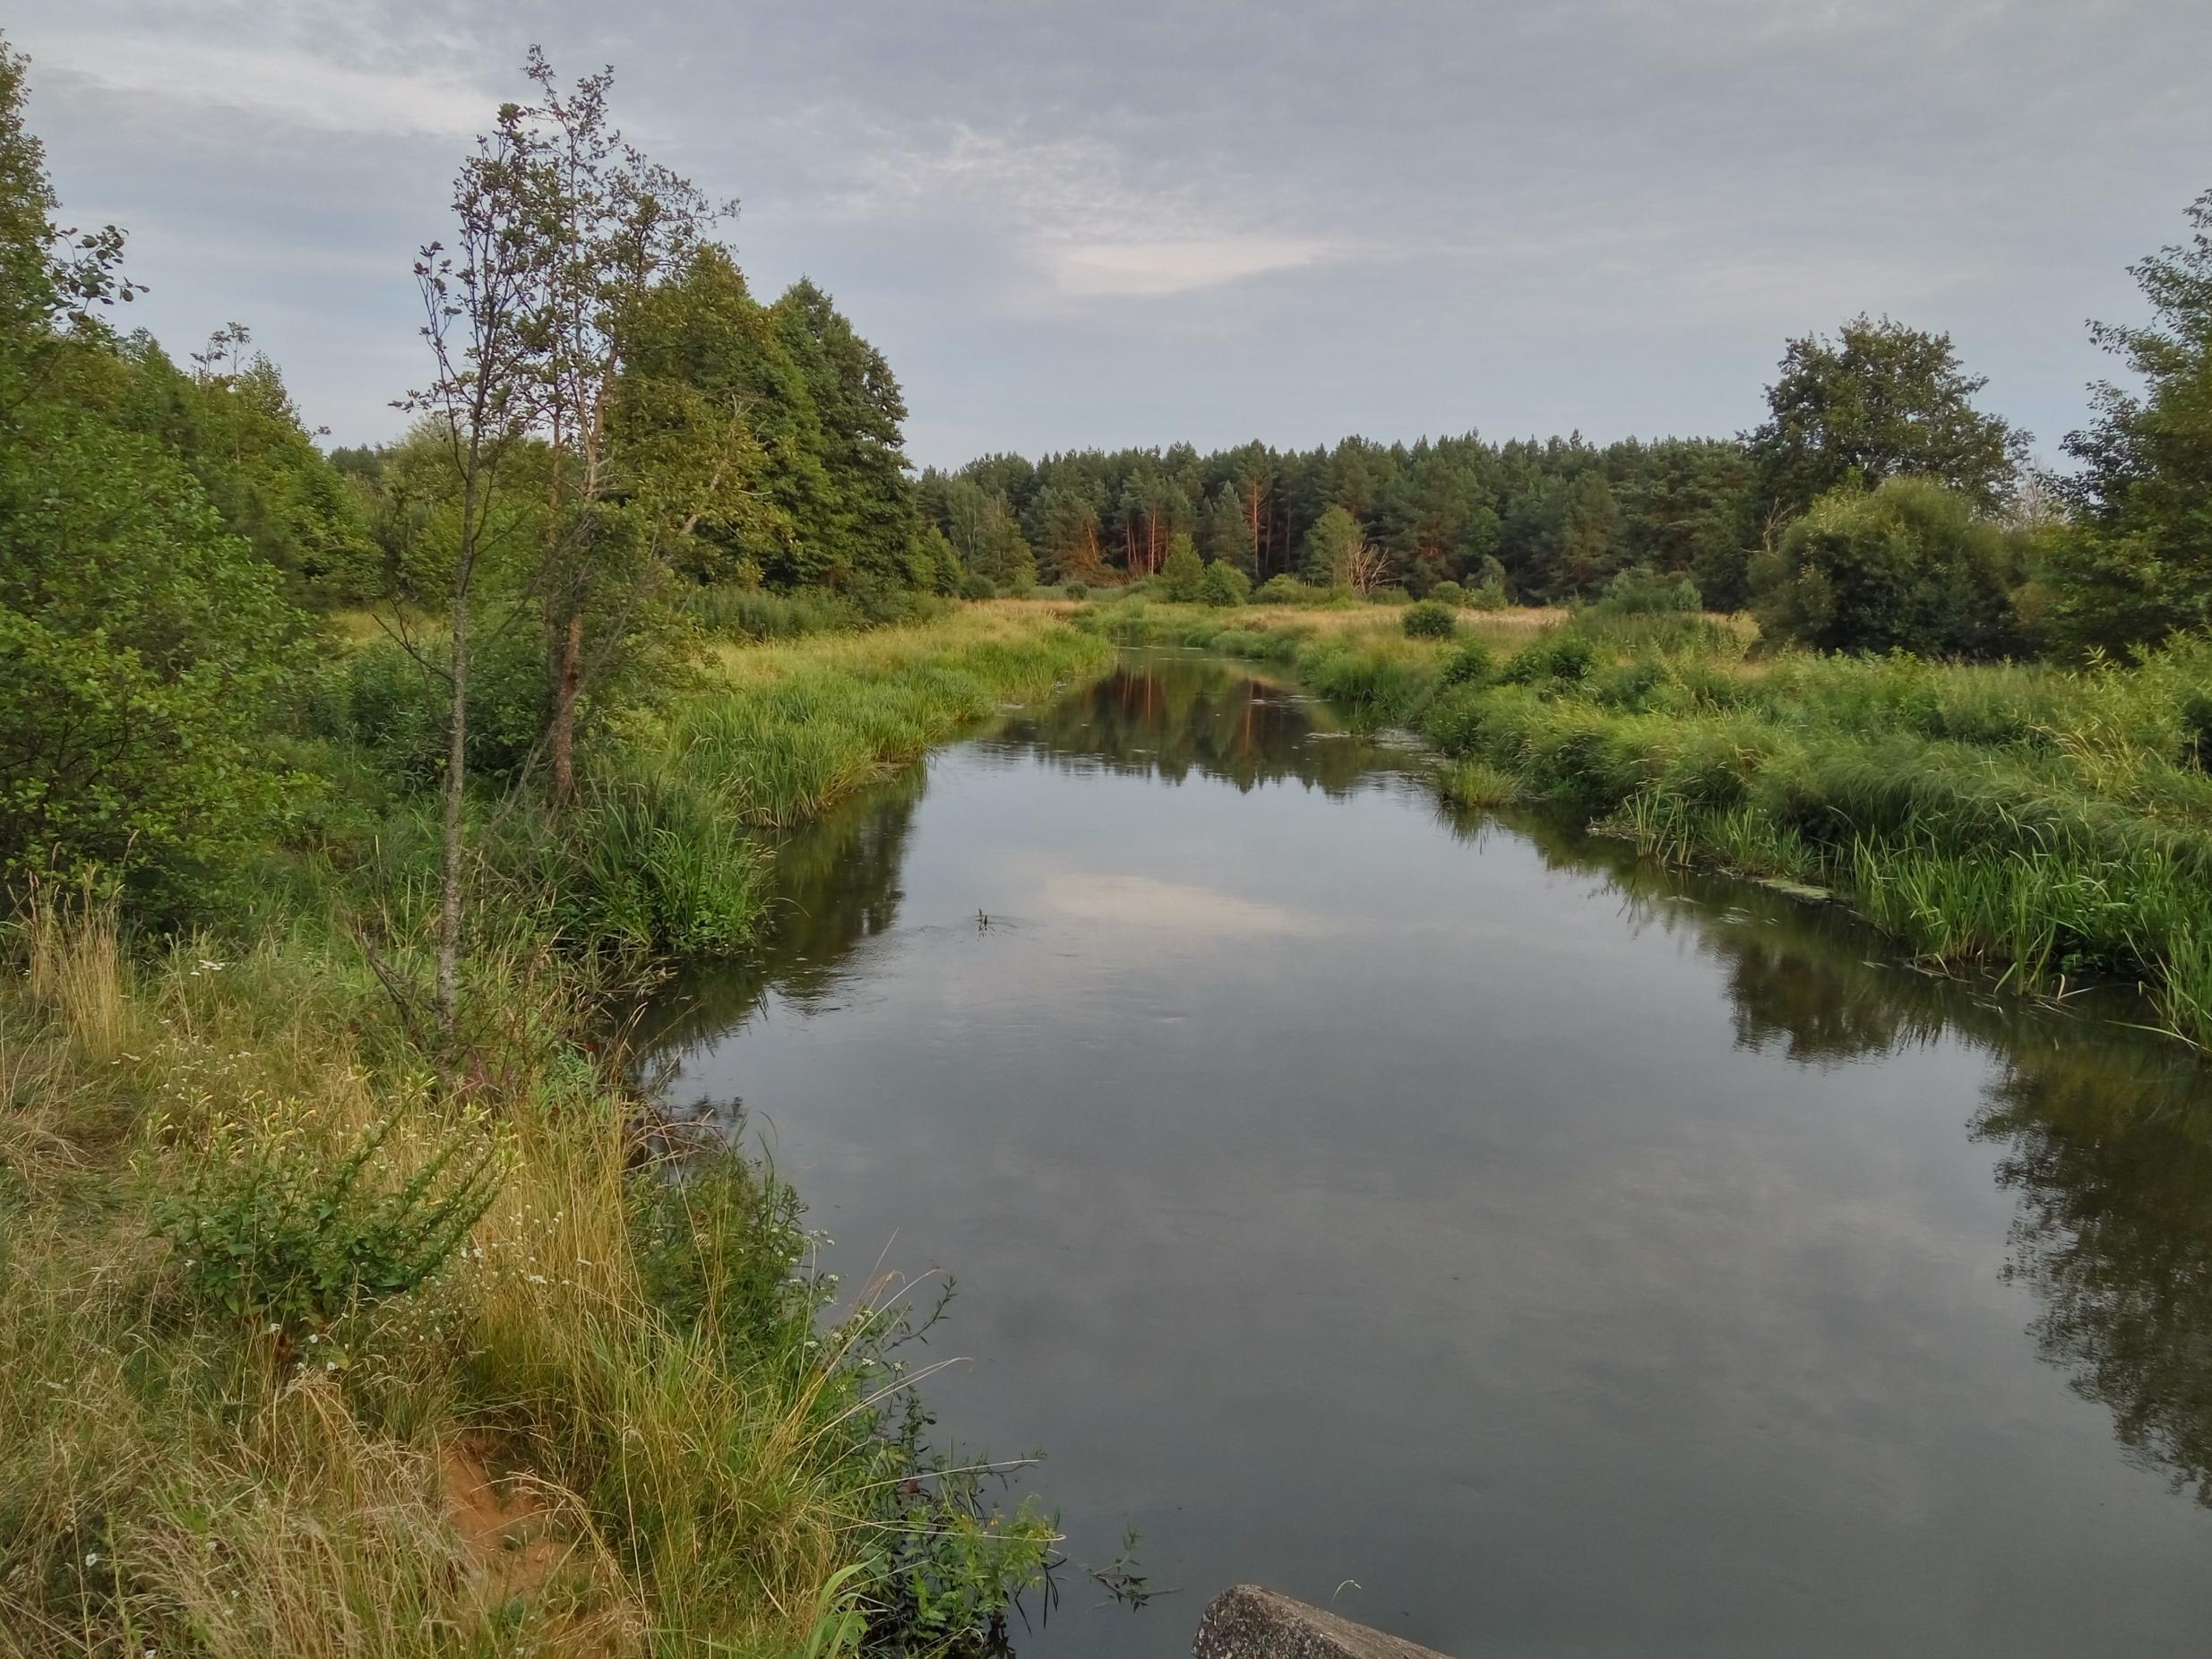 В первый день последнего месяца лета решил прокатиться ... | Отчеты о рыбалке в Беларуси